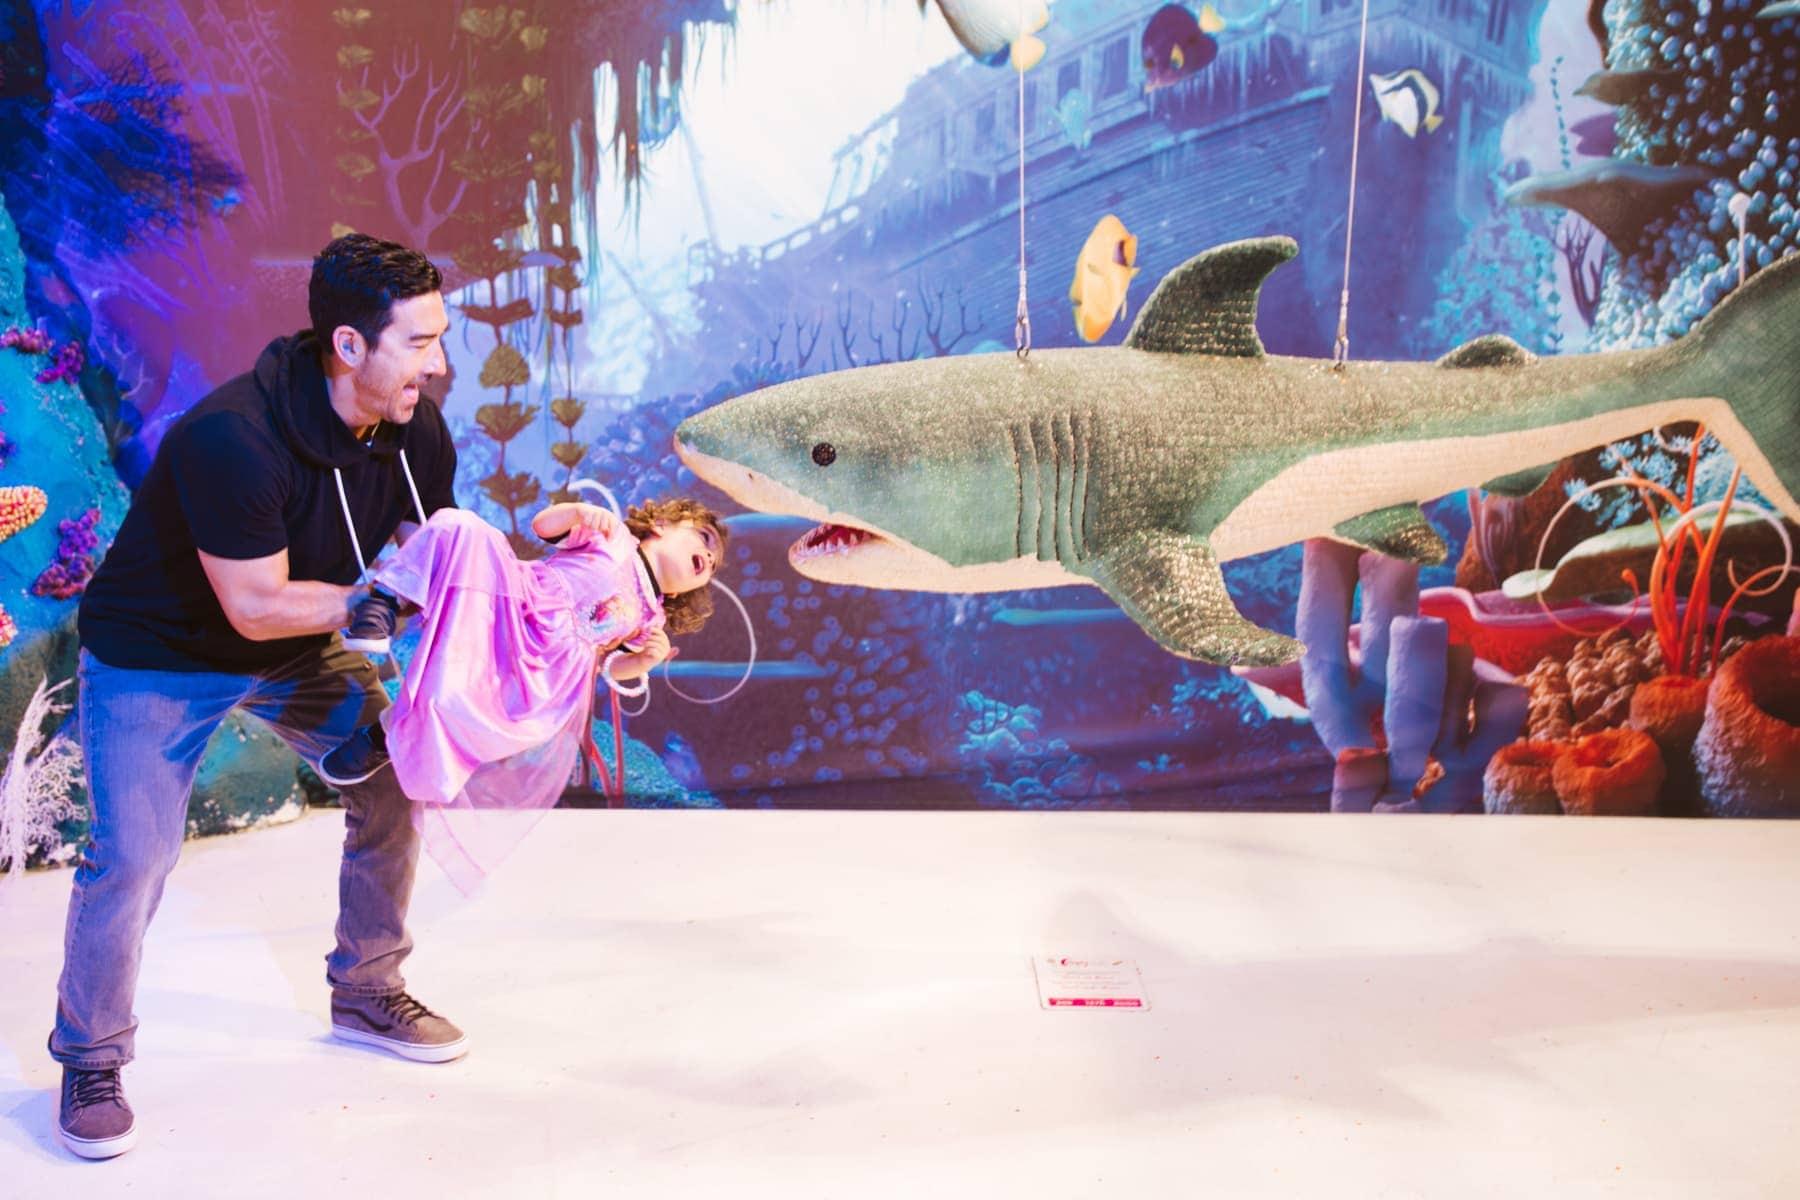 Family at candytopia shark